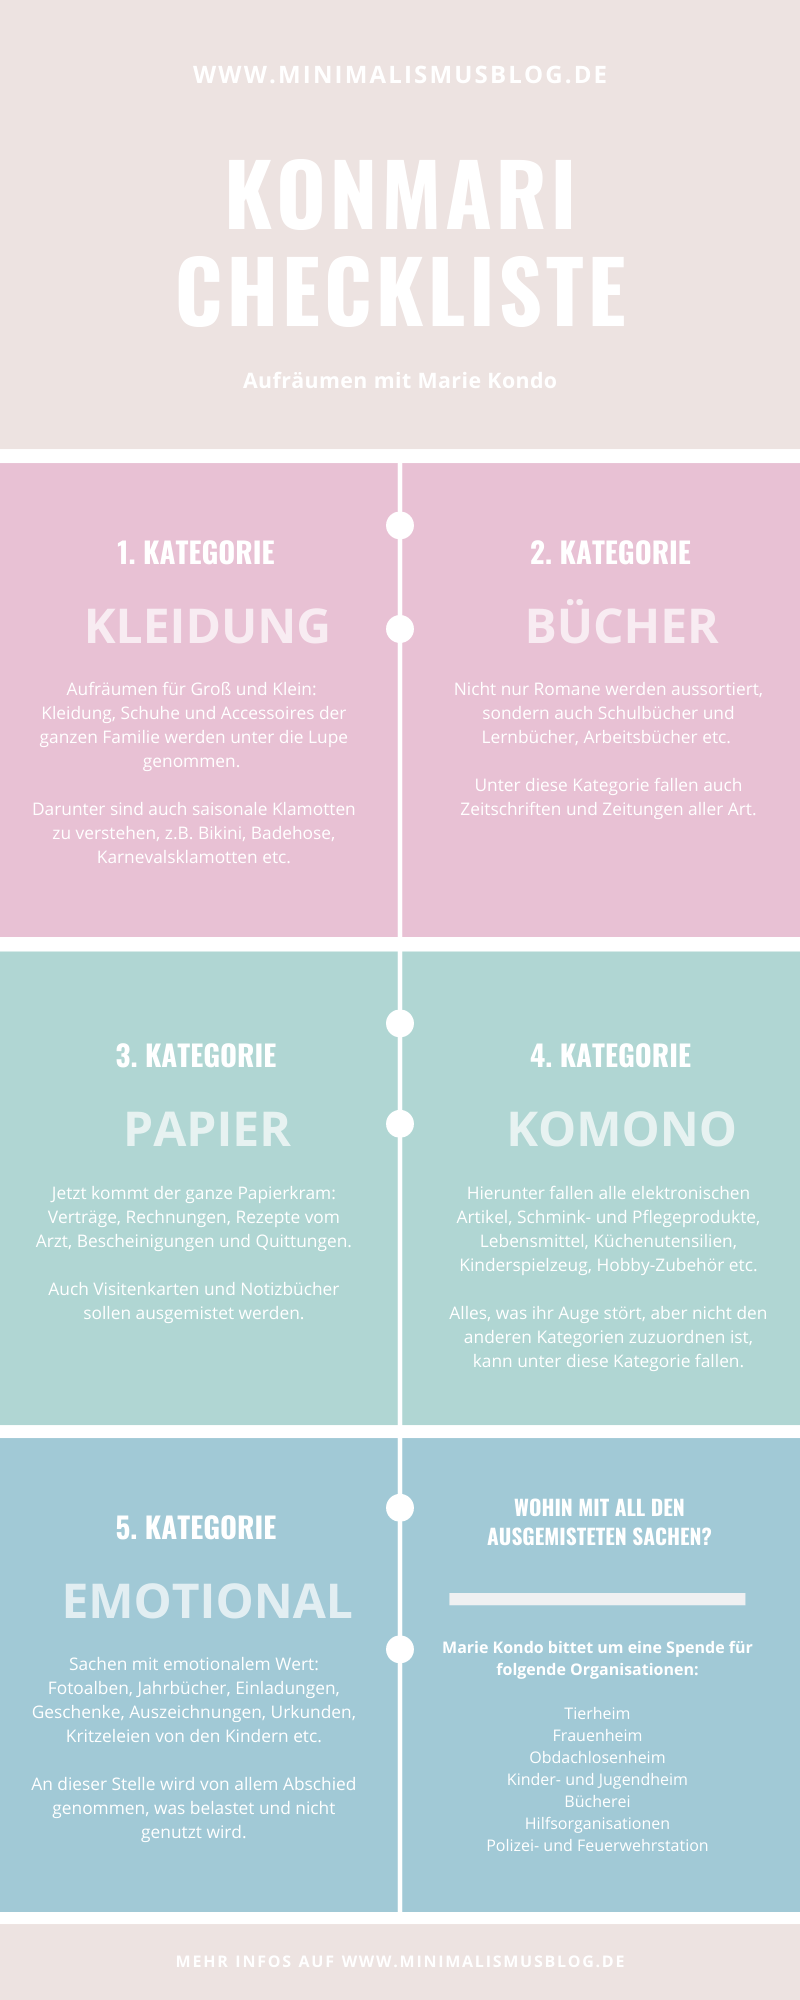 Konmari Checkliste auf Deutsch (Marie Kondo) - Minimalismus für Beginner